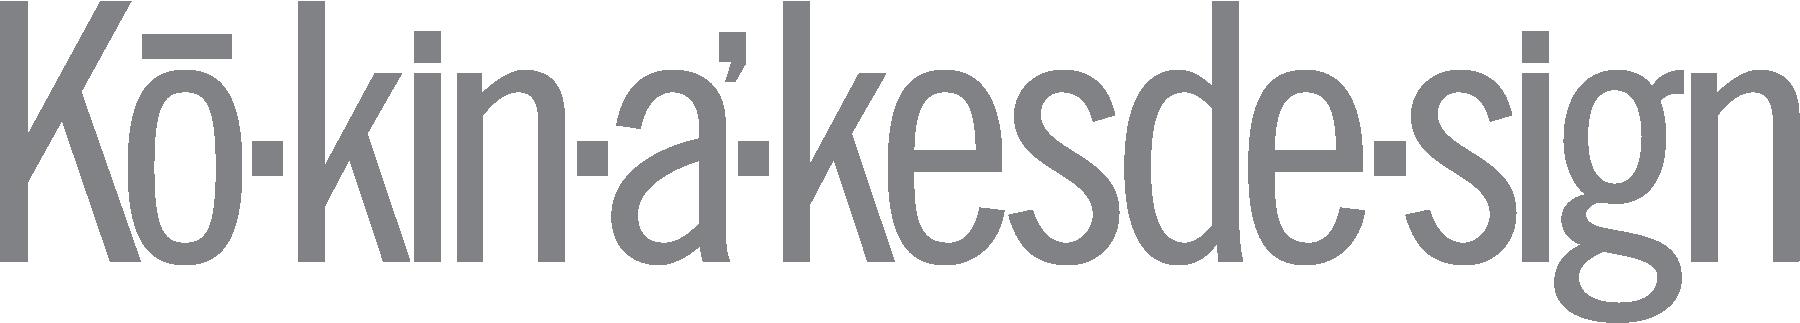 Kokinakes Design Logo